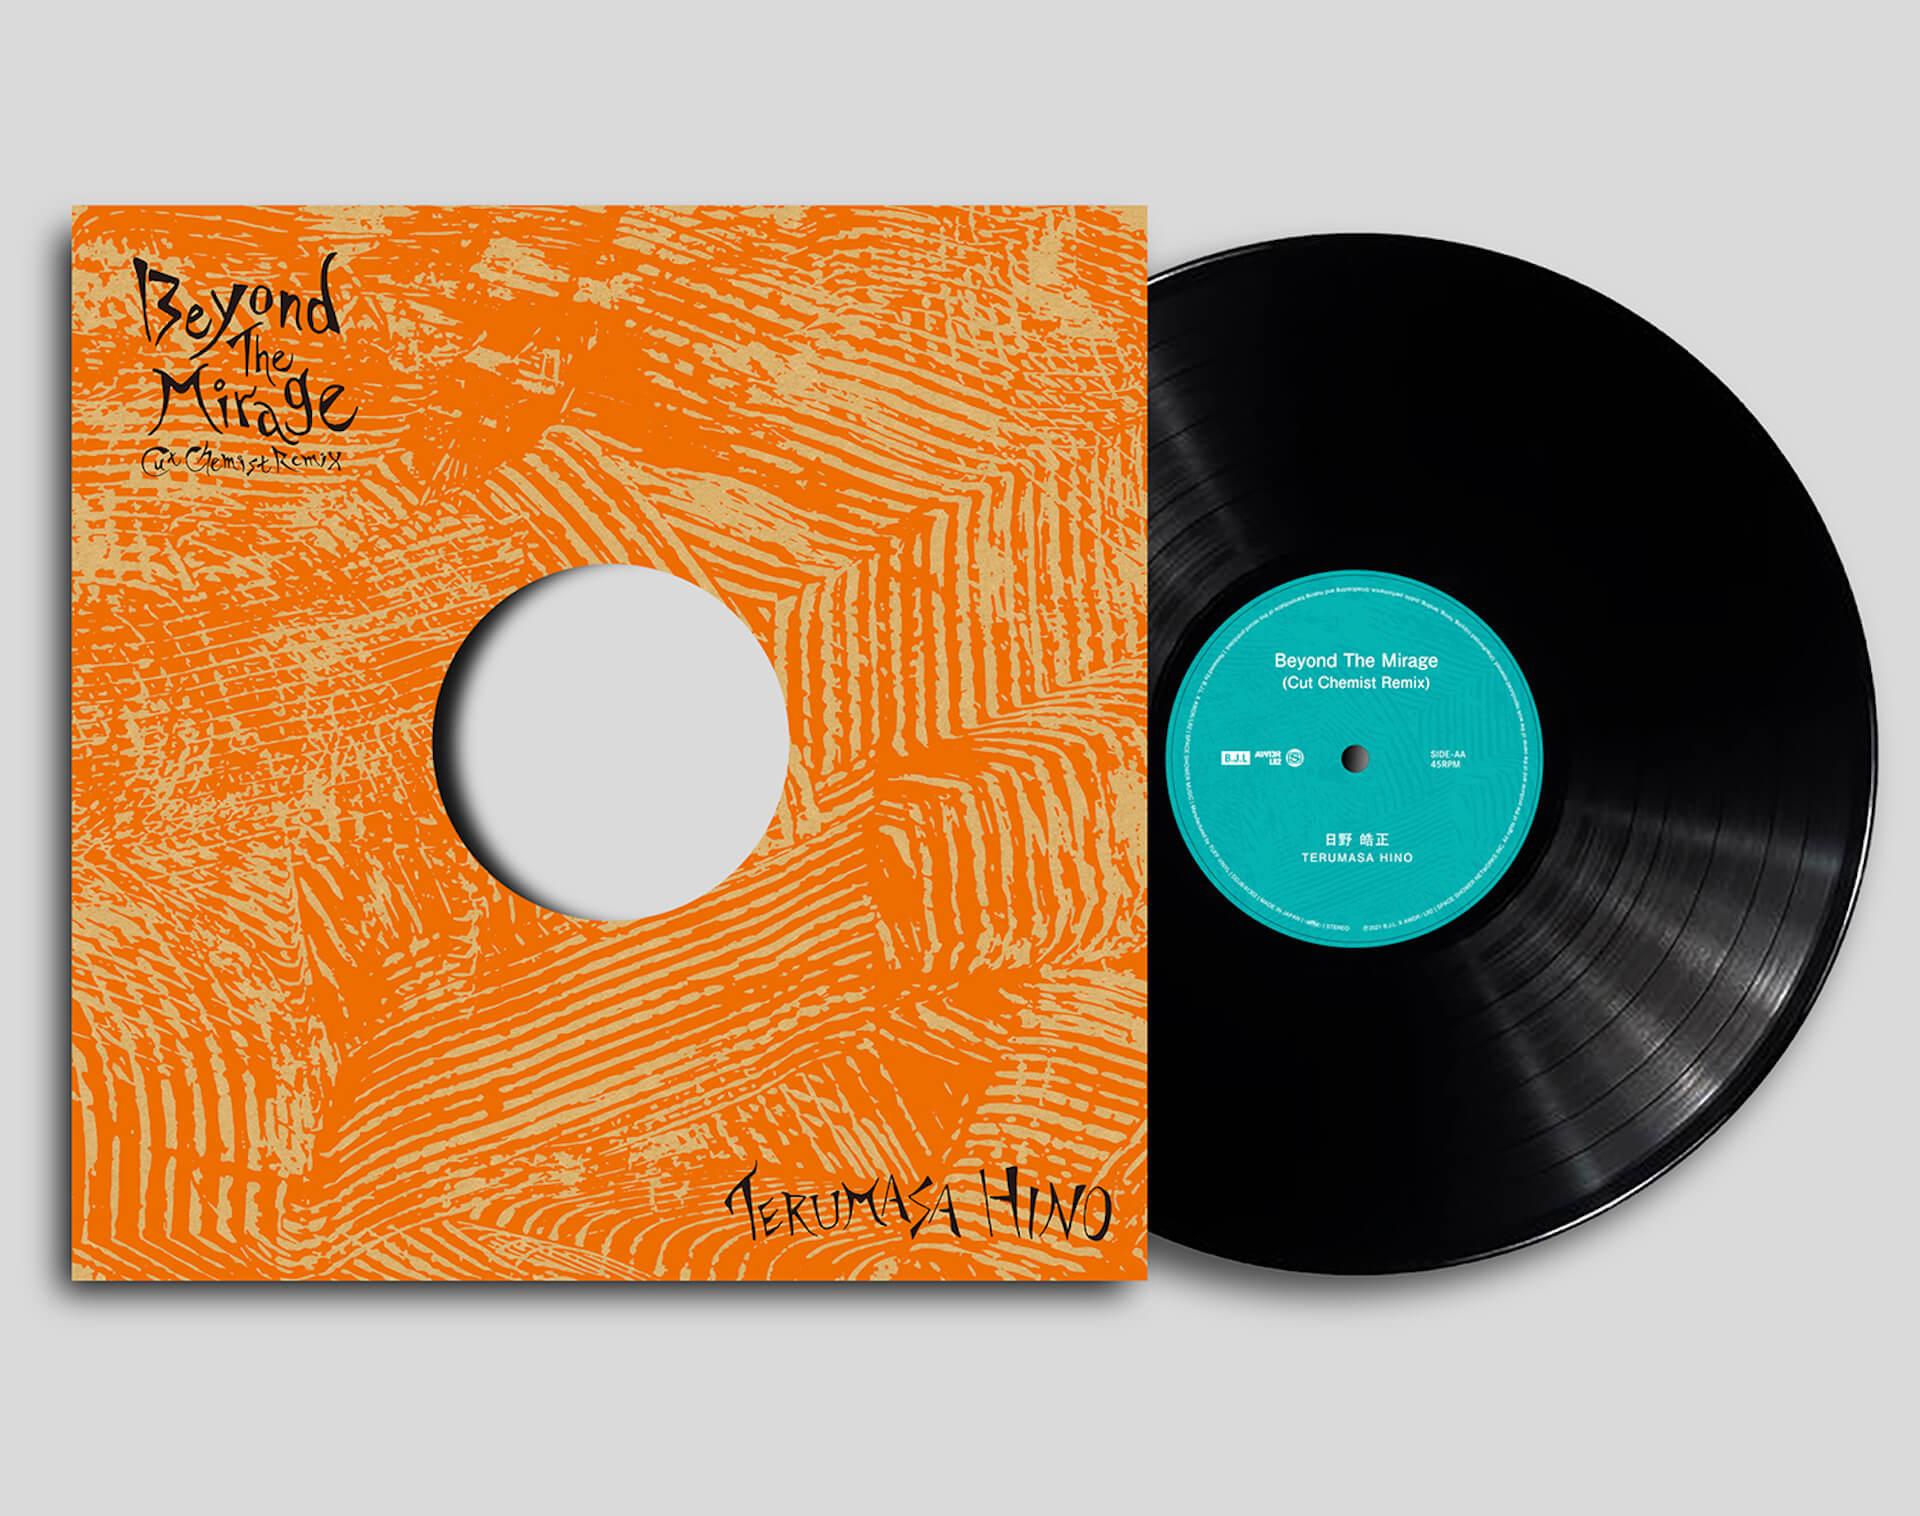 """日野皓正の楽曲""""Shun""""をJim O'Rourkeがリミックス!Cut Chemistによる""""Beyond The Mirage""""のリミックスをパッケージした12インチも発売 music210623_hinoterumasa_jimorourke_5"""